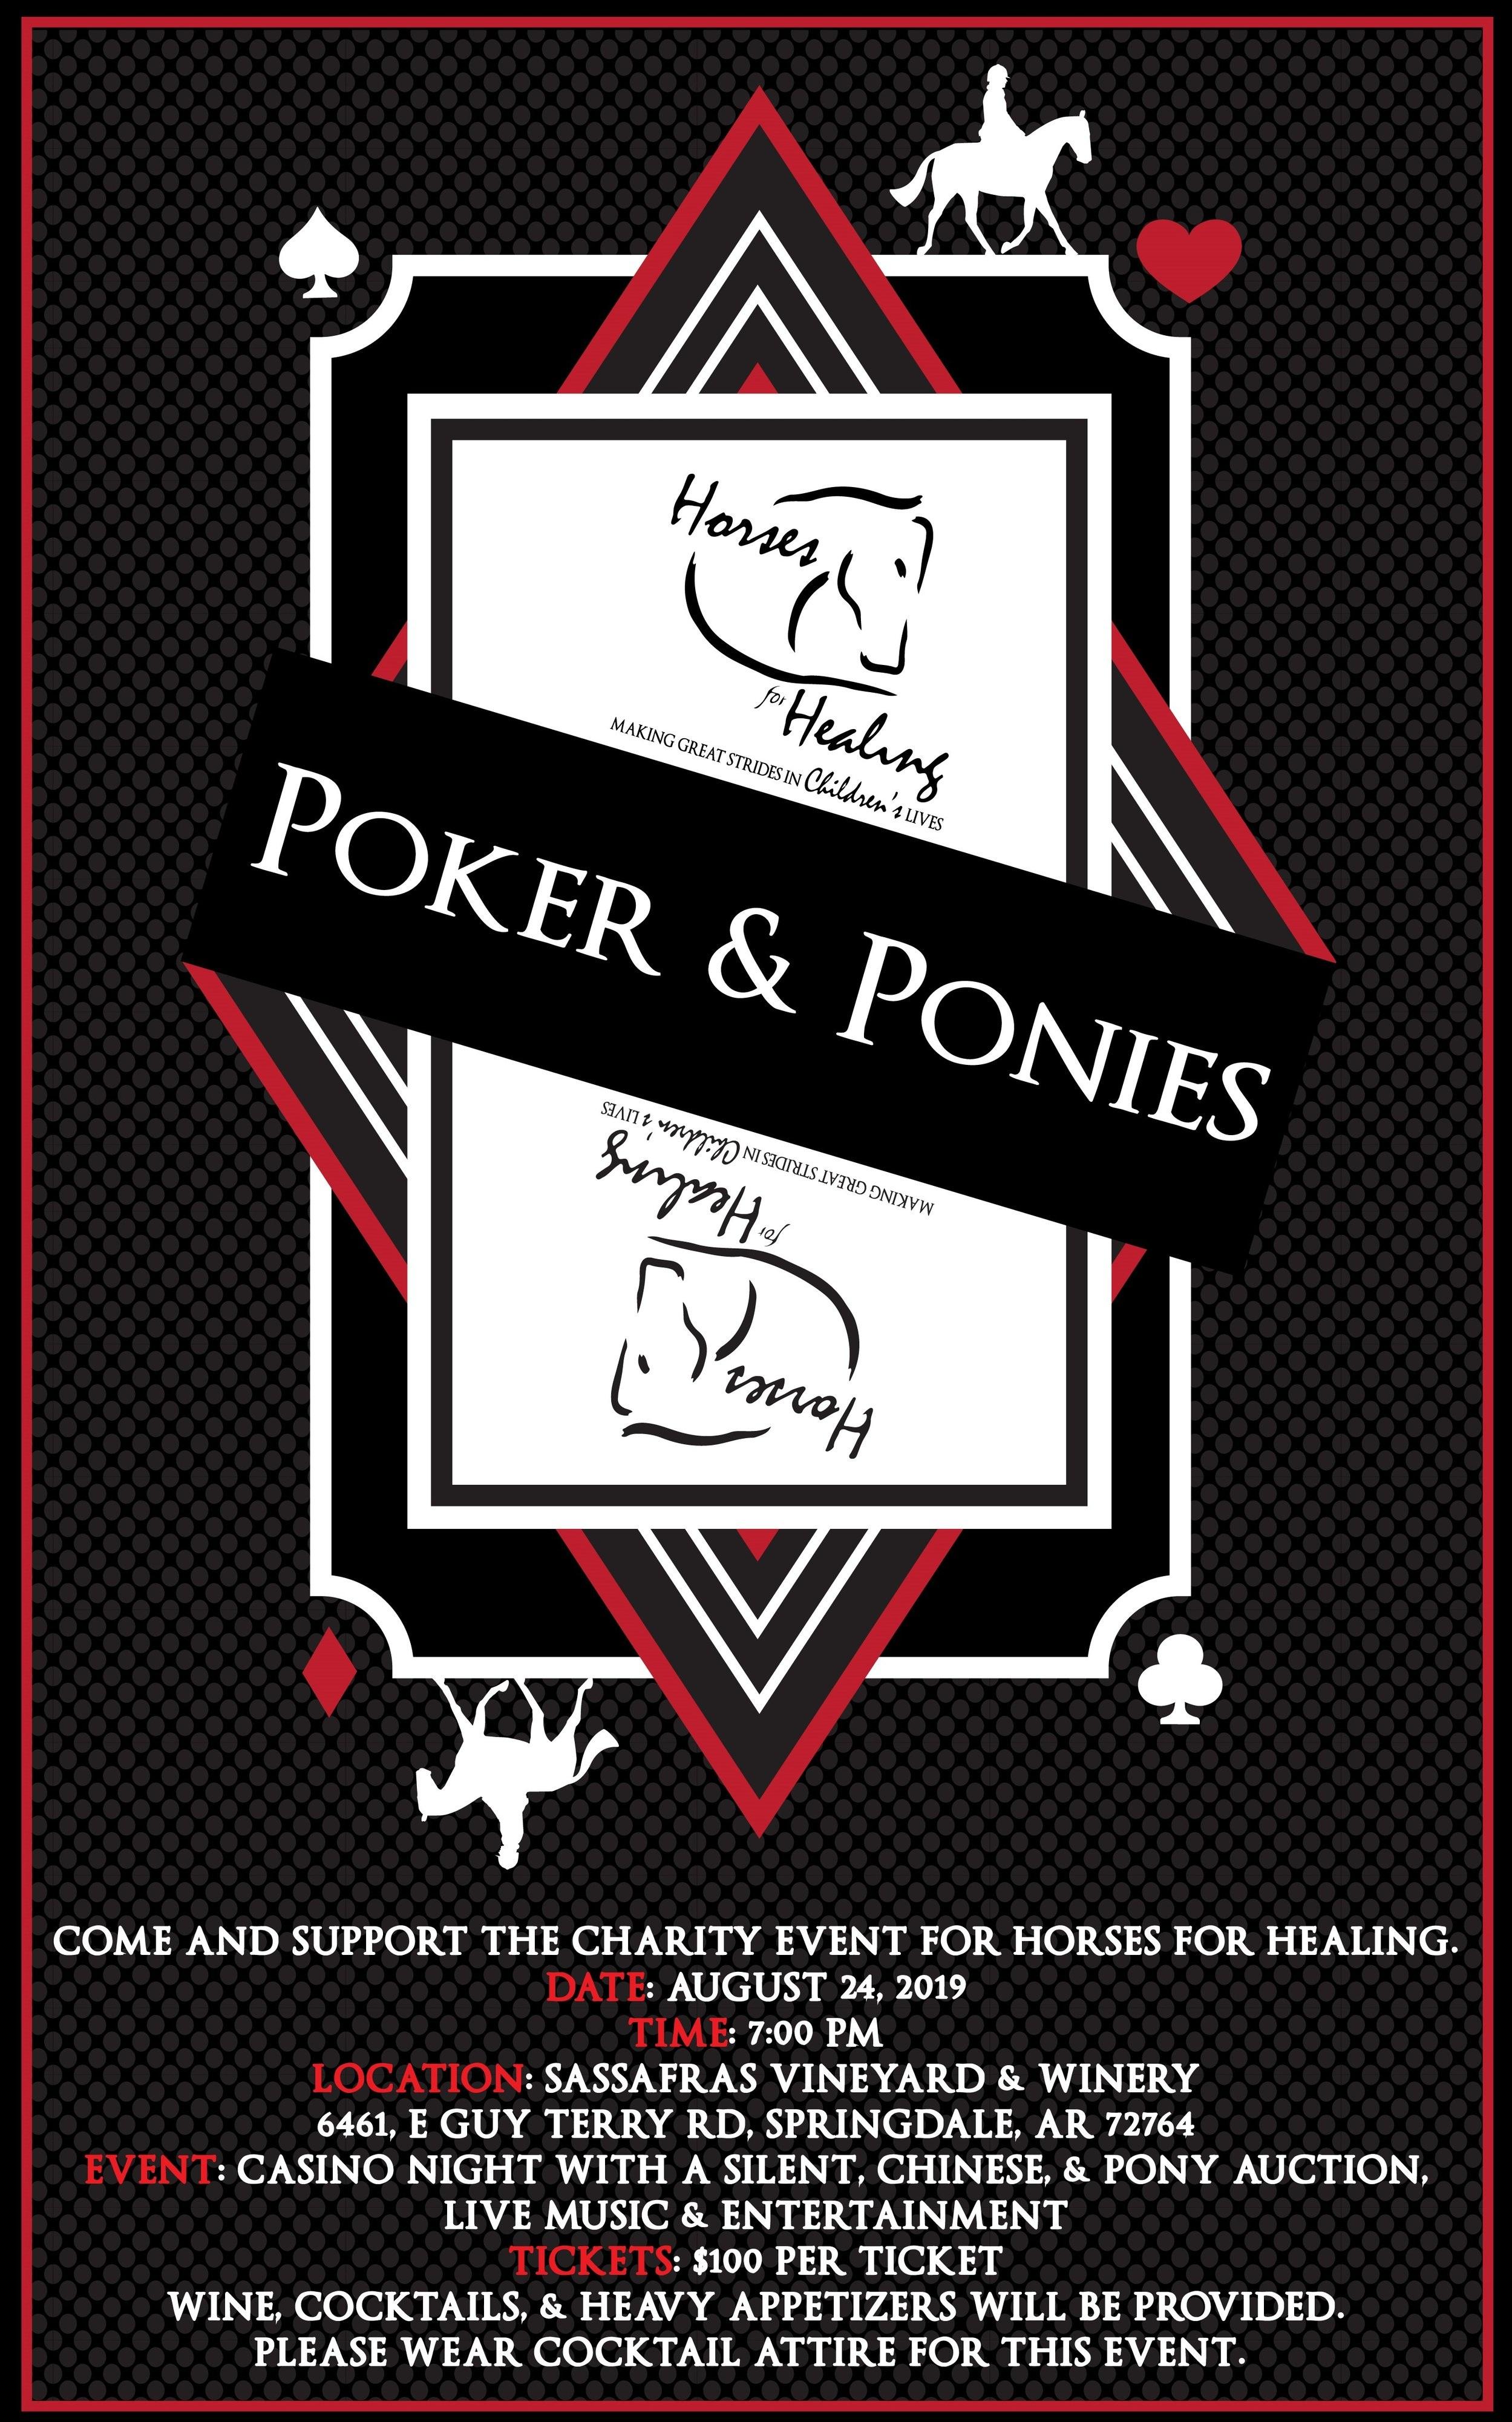 Poker+%26+Ponies+Poster+-+Copy+%282%29.jpg